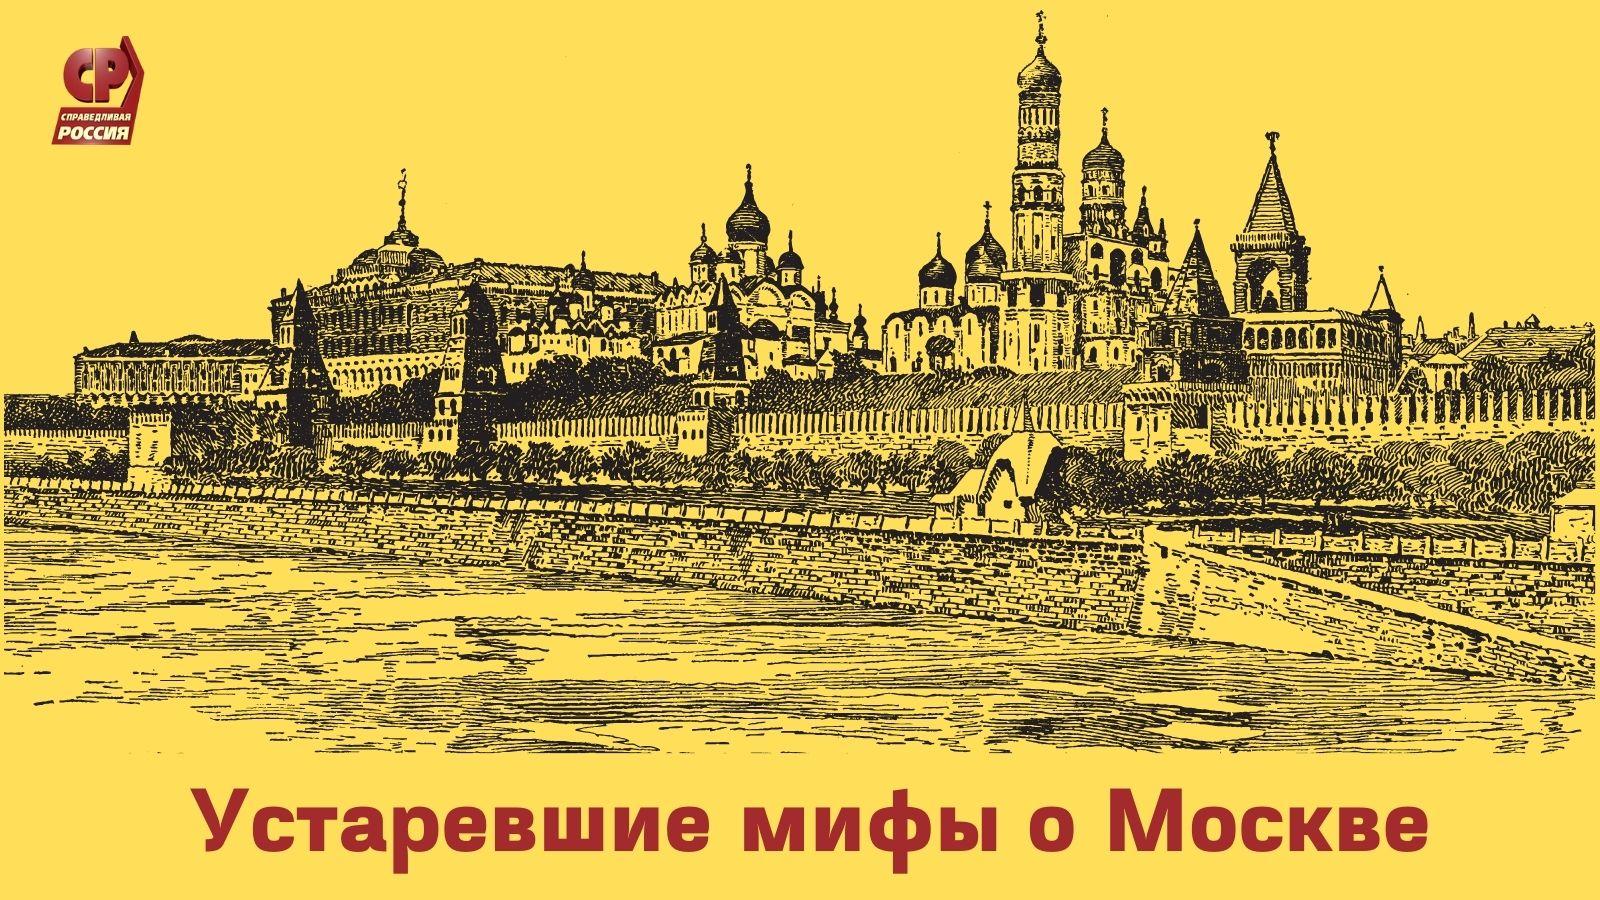 Мифы о Москве